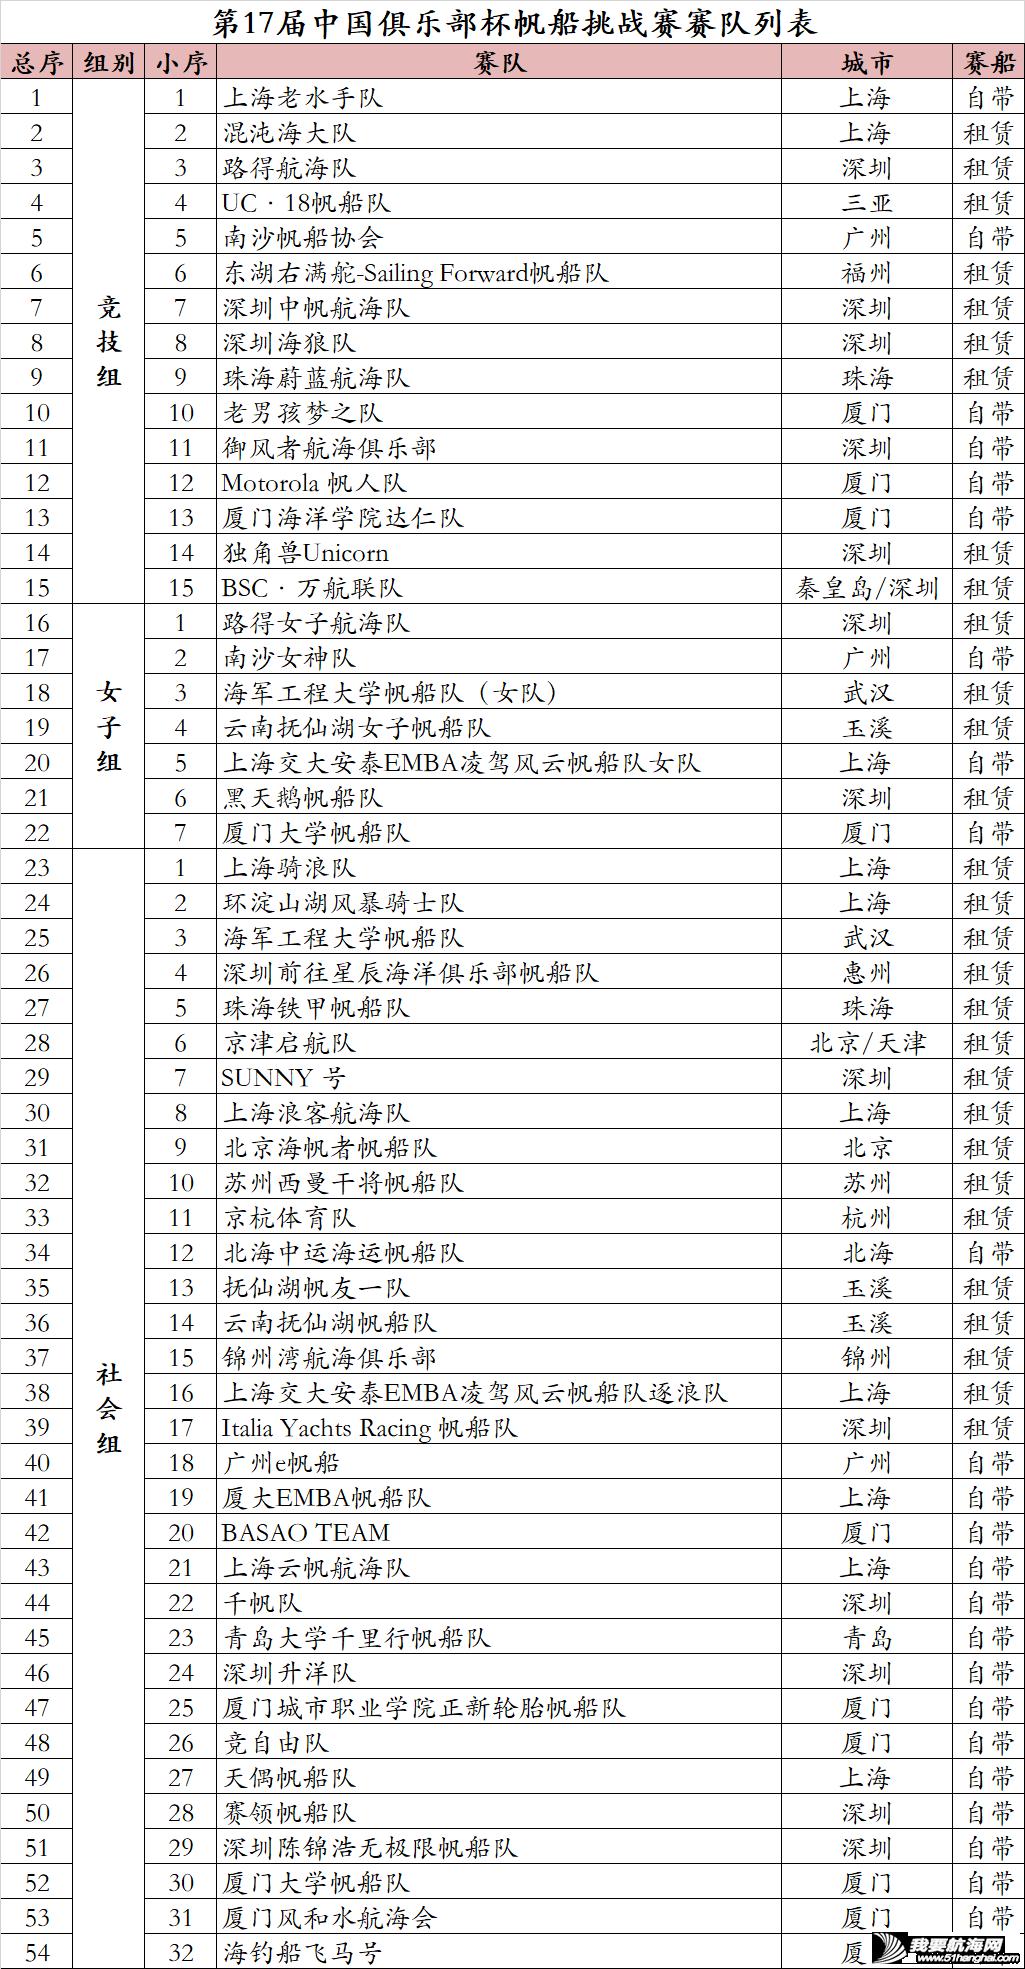 赛队列表 | 第17届中国俱乐部杯帆船挑战赛